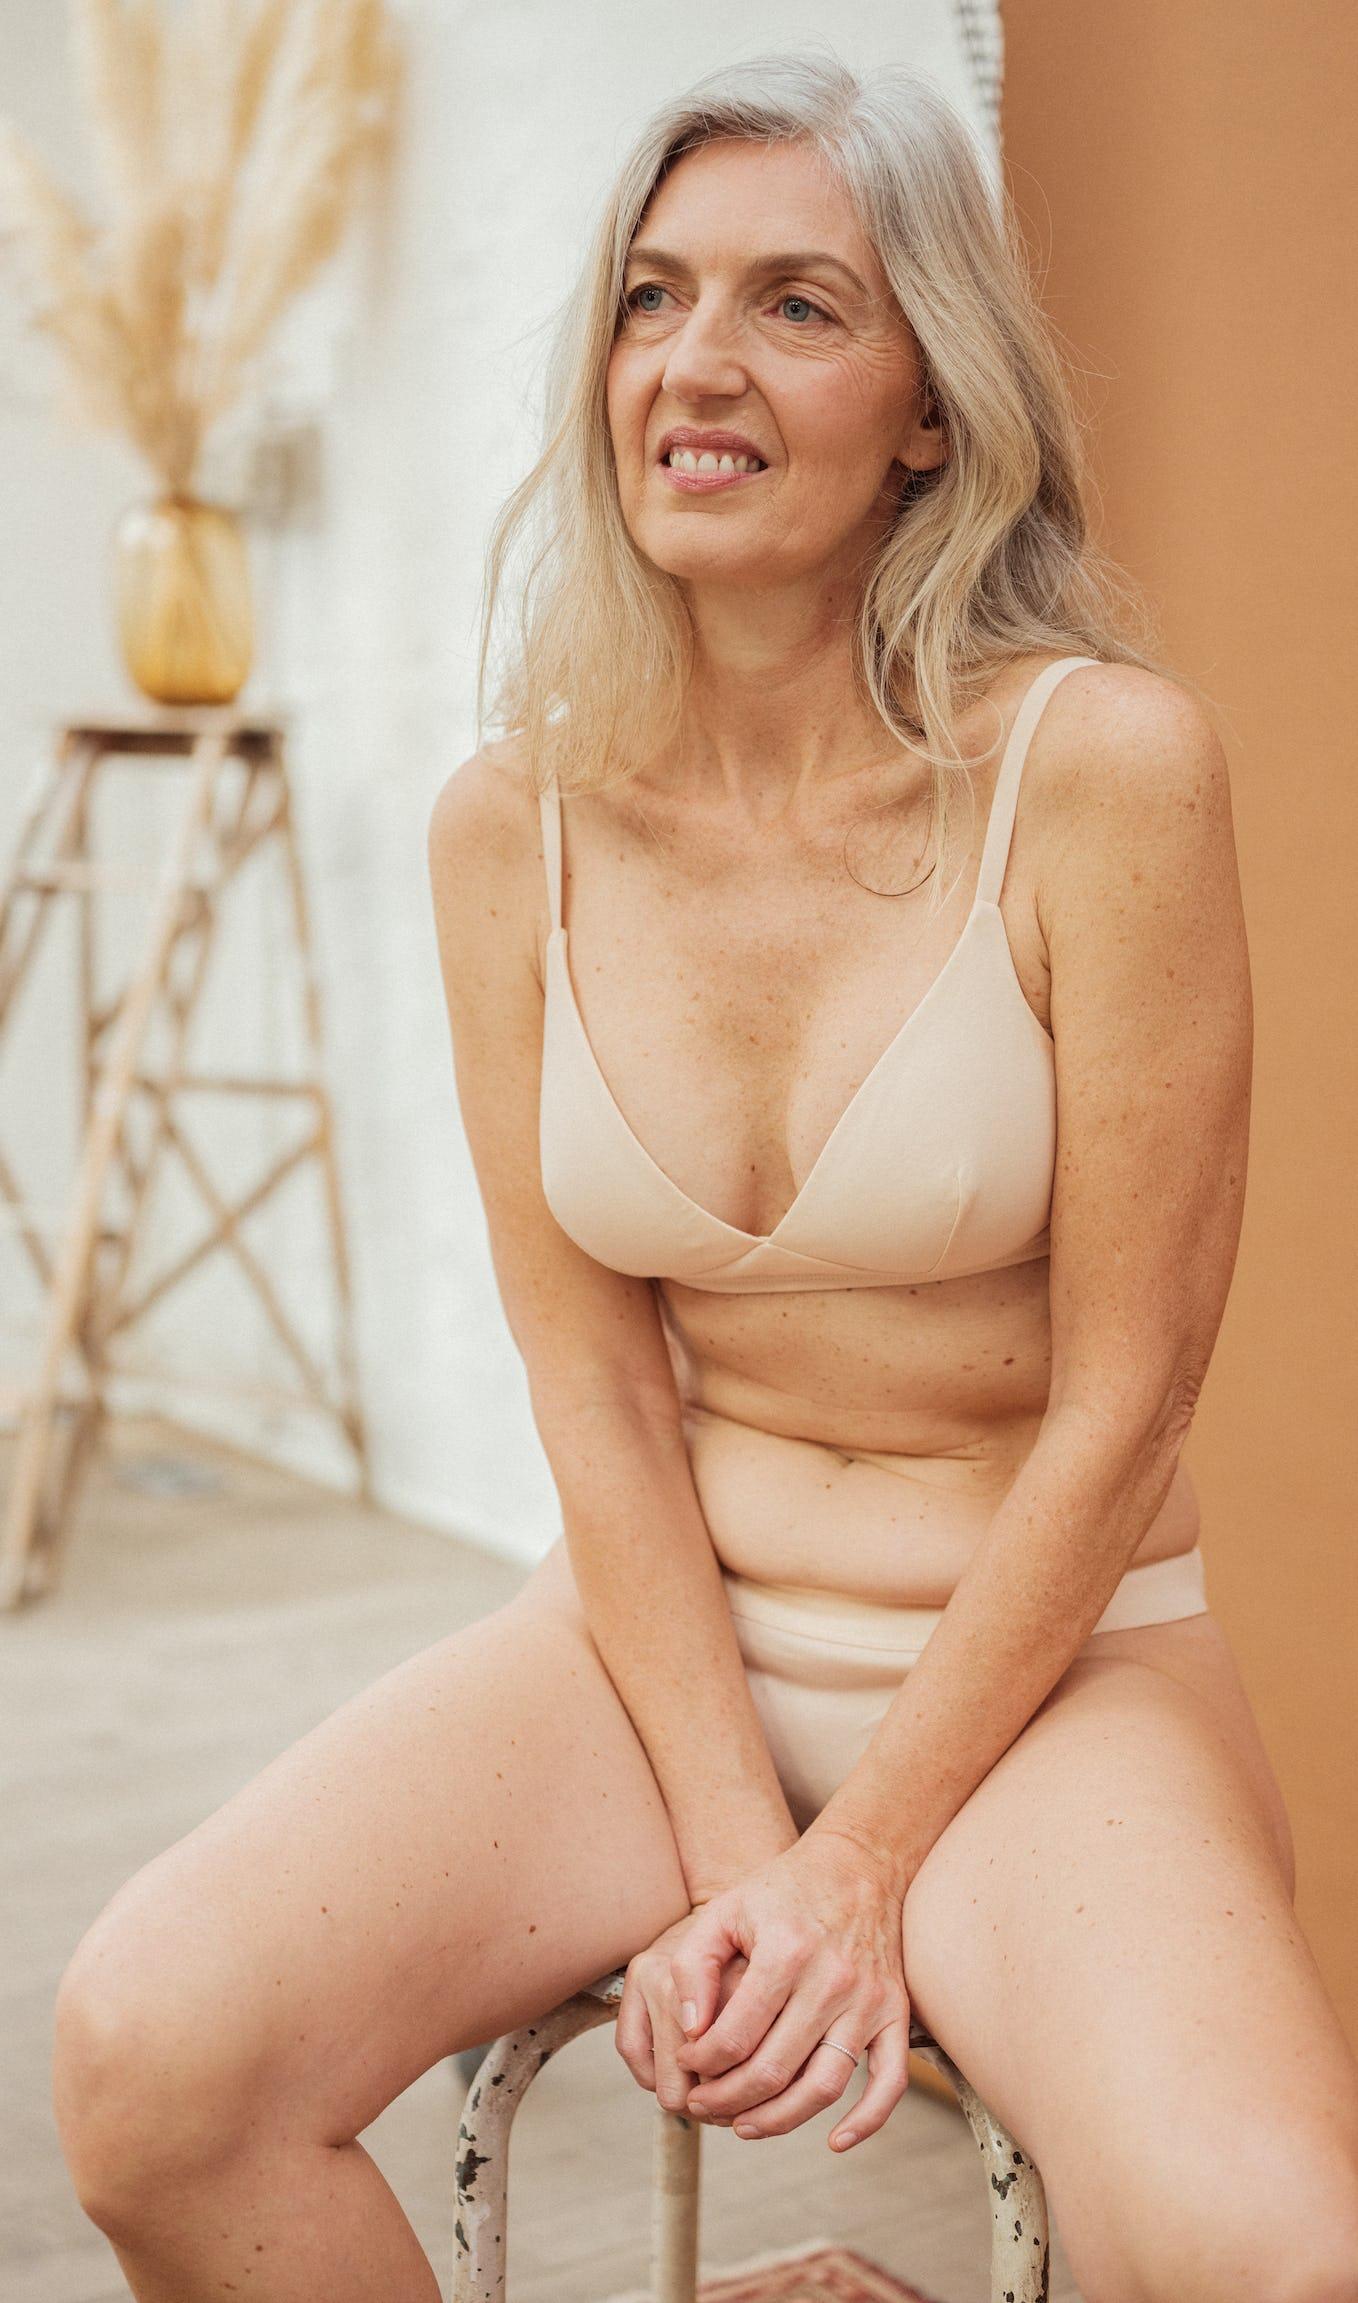 Ensemble de lingerie à fleur de peau nude avec soutien-gorge triangle et culotte